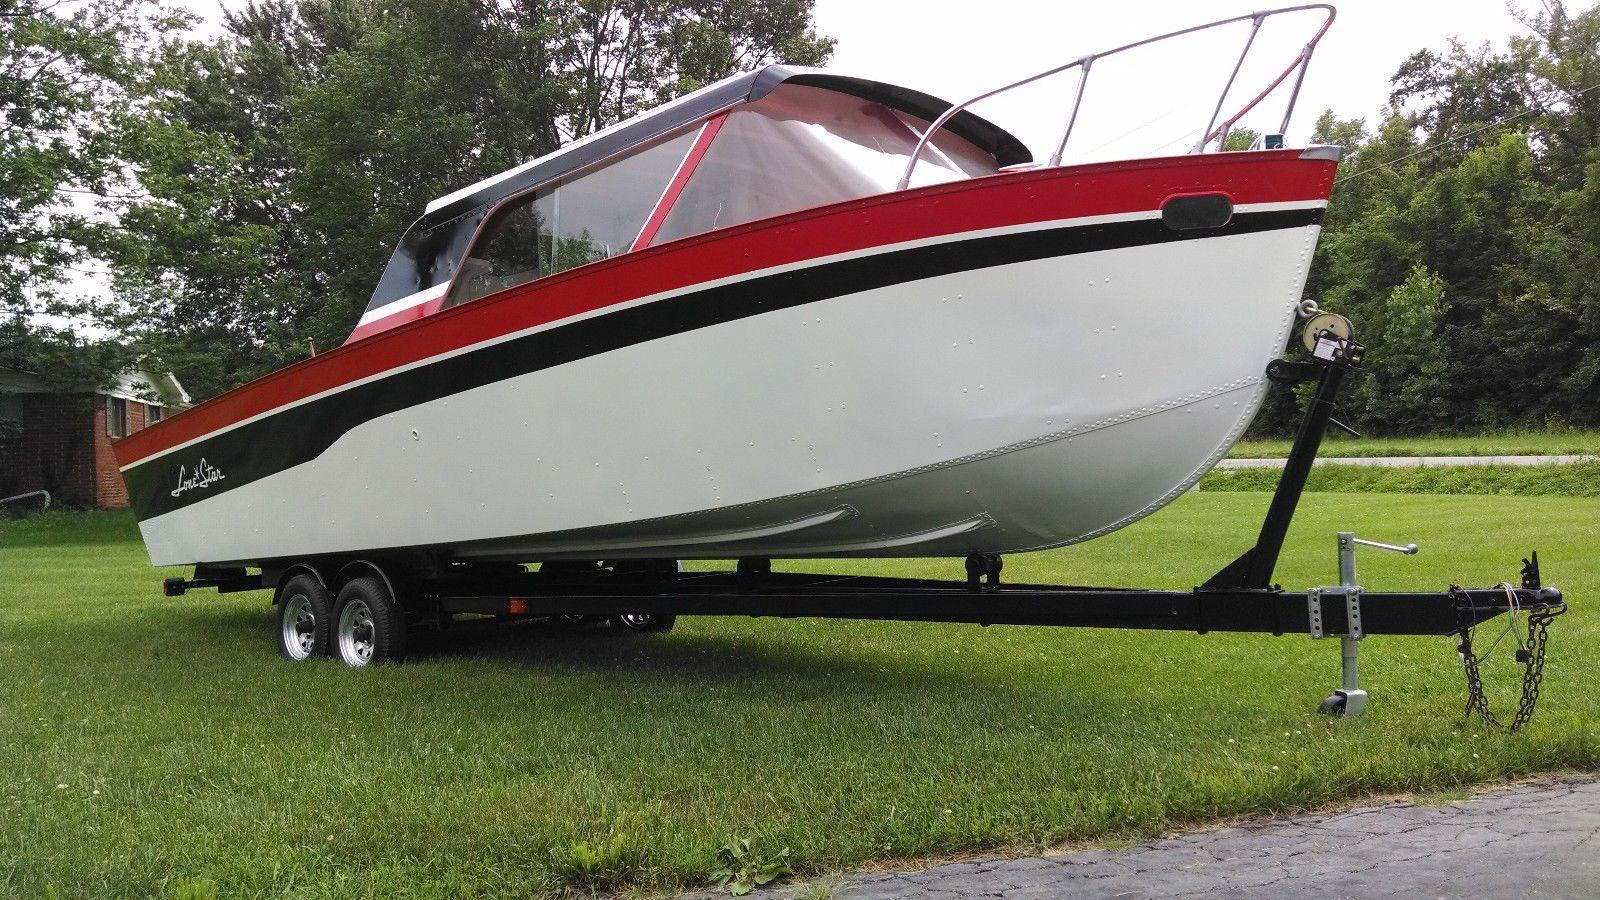 1959 Lonestar Cruisliner Boats For Sale Cabin Cruiser Boat Classic Boats